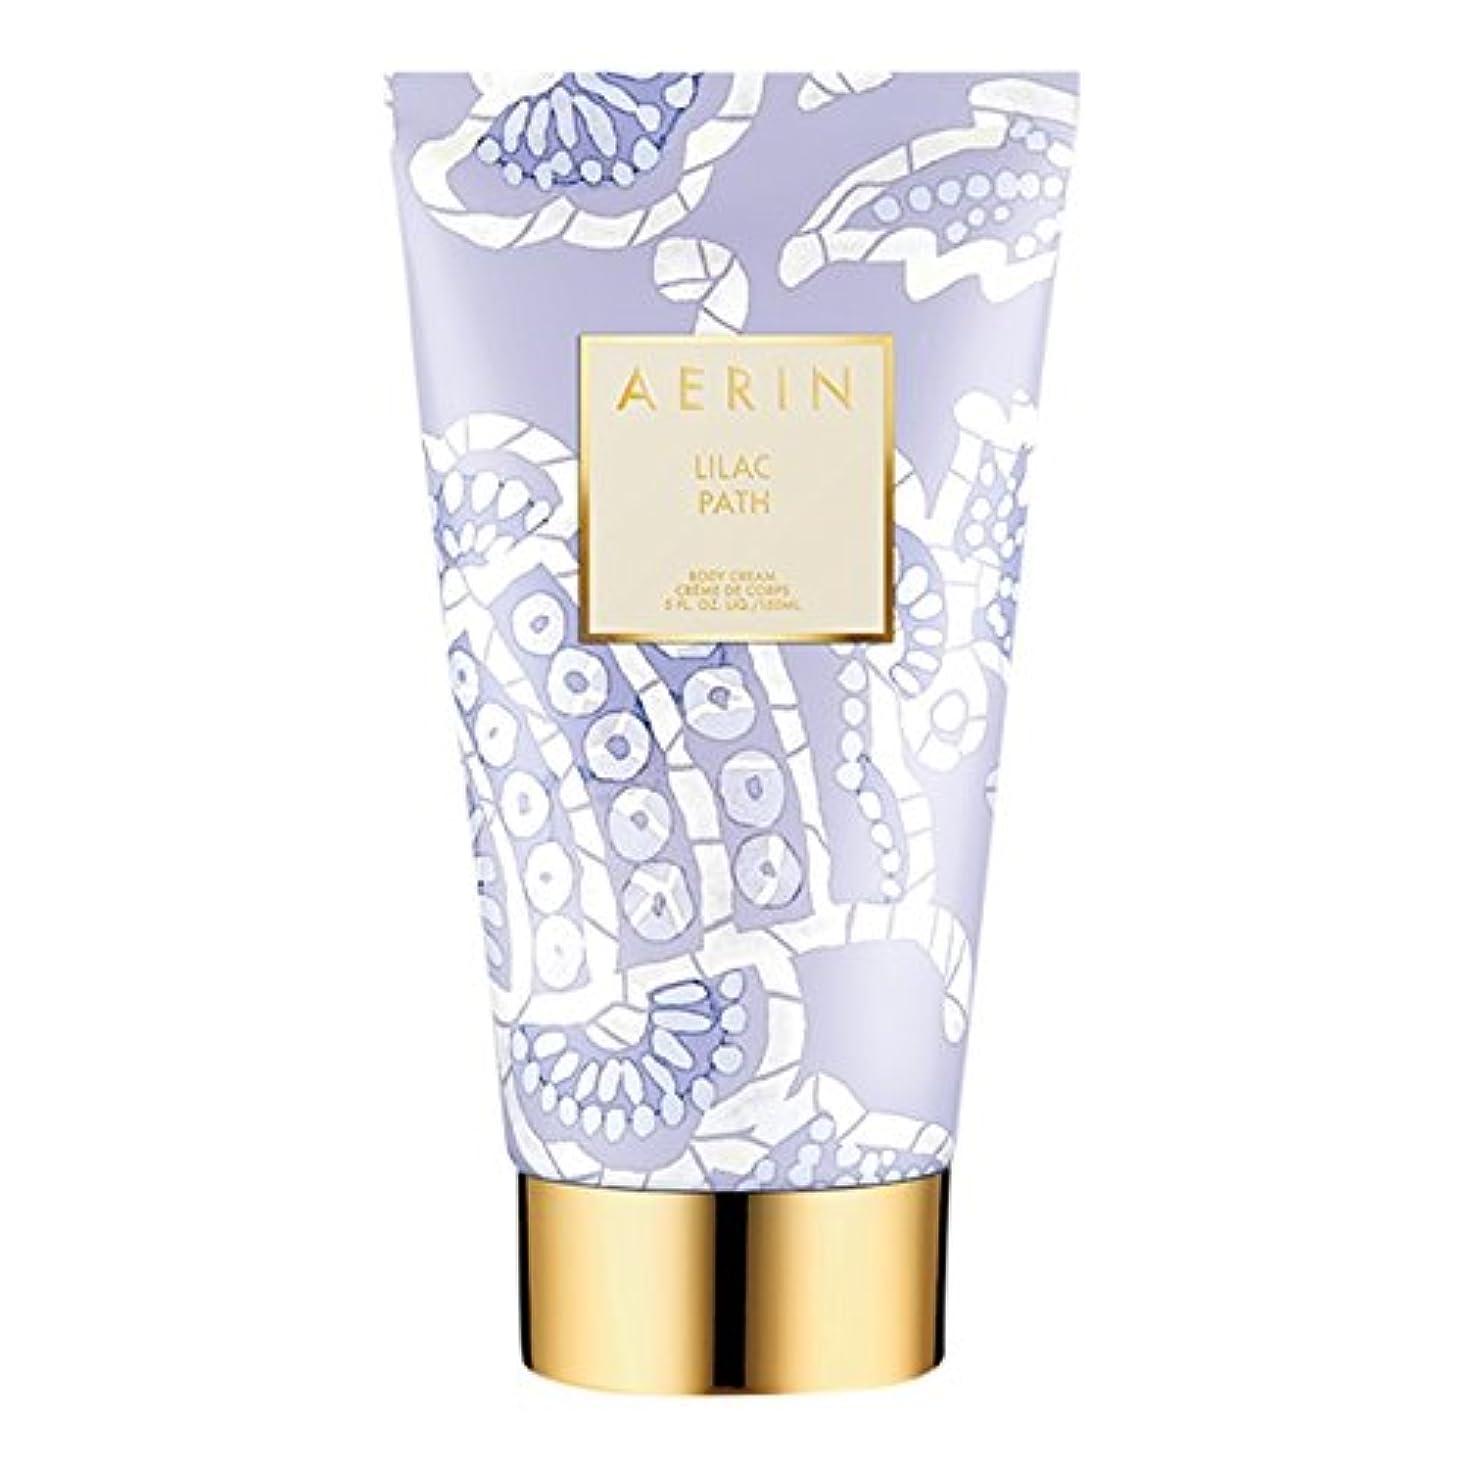 灌漑ナインへハブAerinライラックパスボディクリーム150ミリリットル (AERIN) (x6) - AERIN Lilac Path Body Cream 150ml (Pack of 6) [並行輸入品]